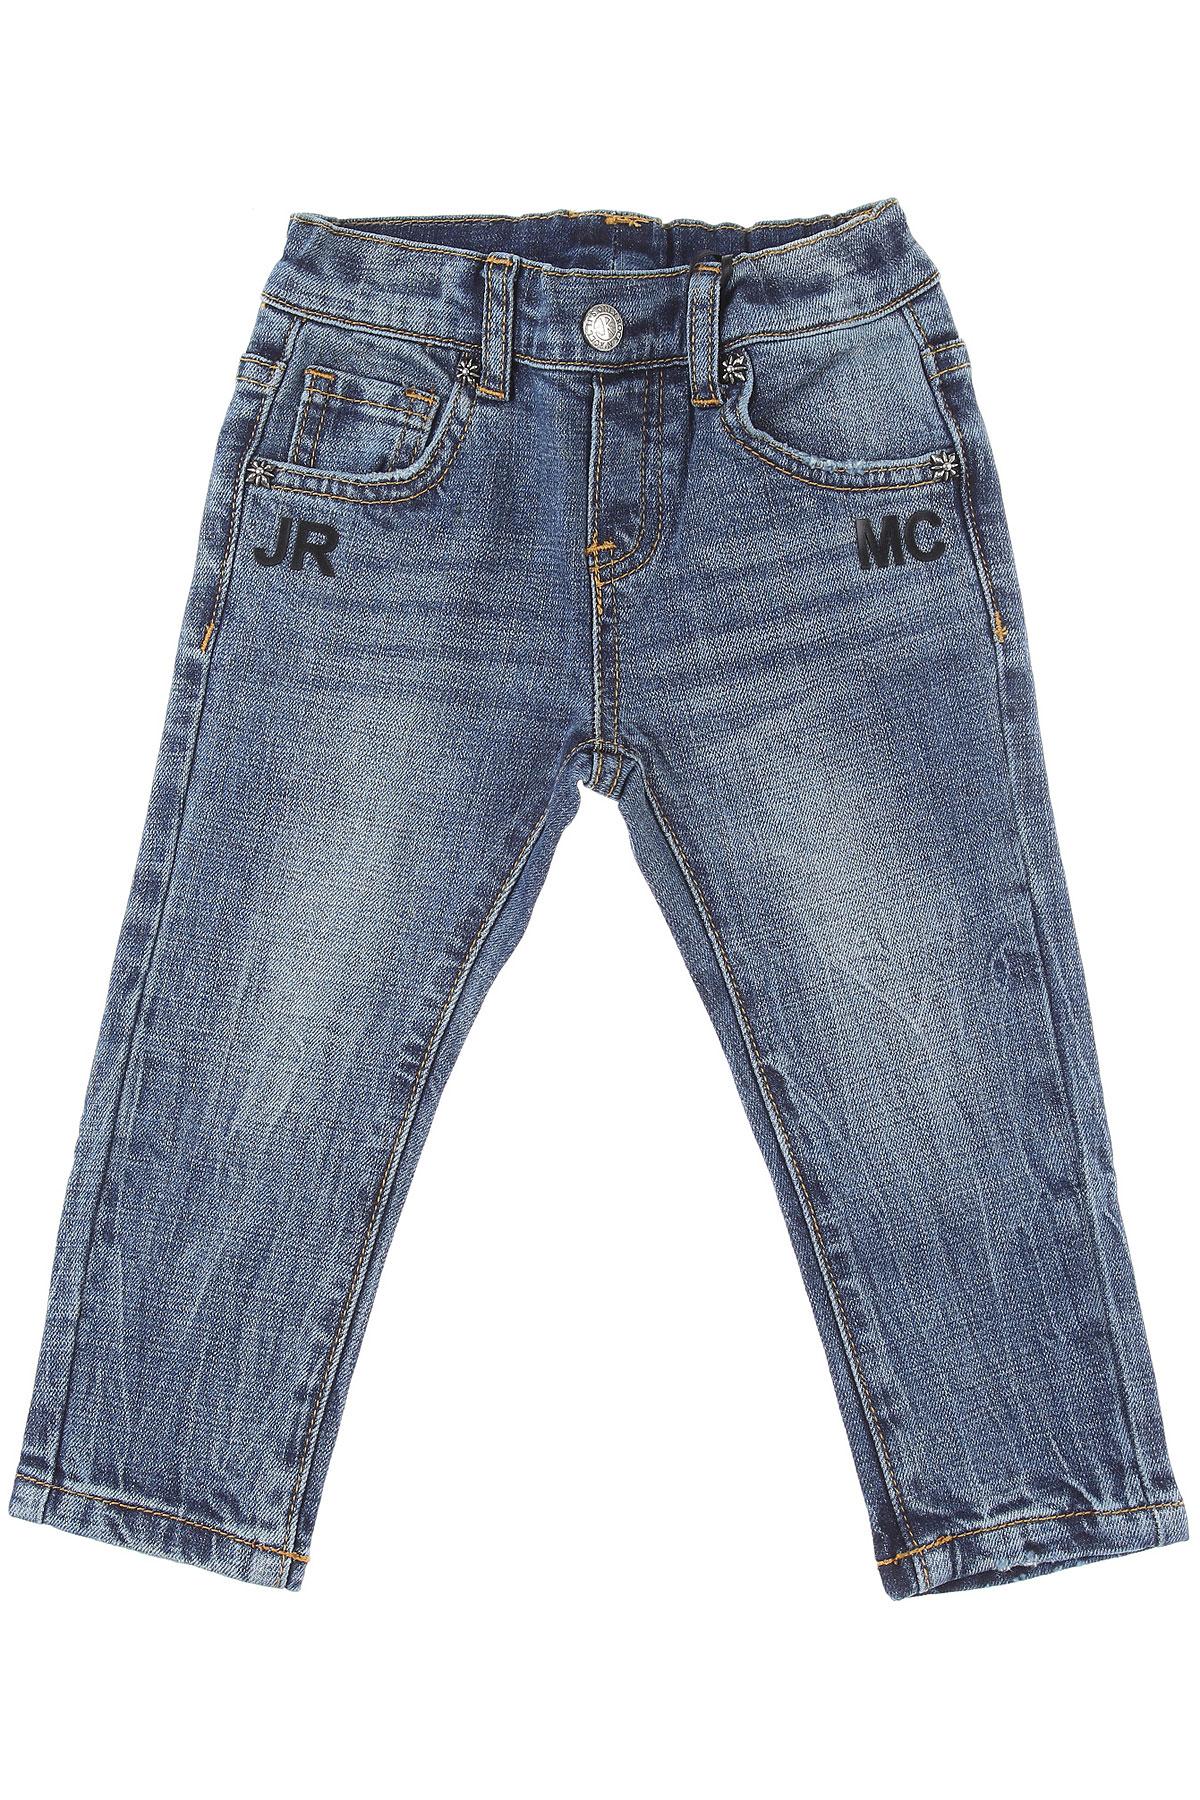 John Richmond Baby Jeans for Boys On Sale, Denim Blue, Cotton, 2019, 12 M 18 M 2Y 3M